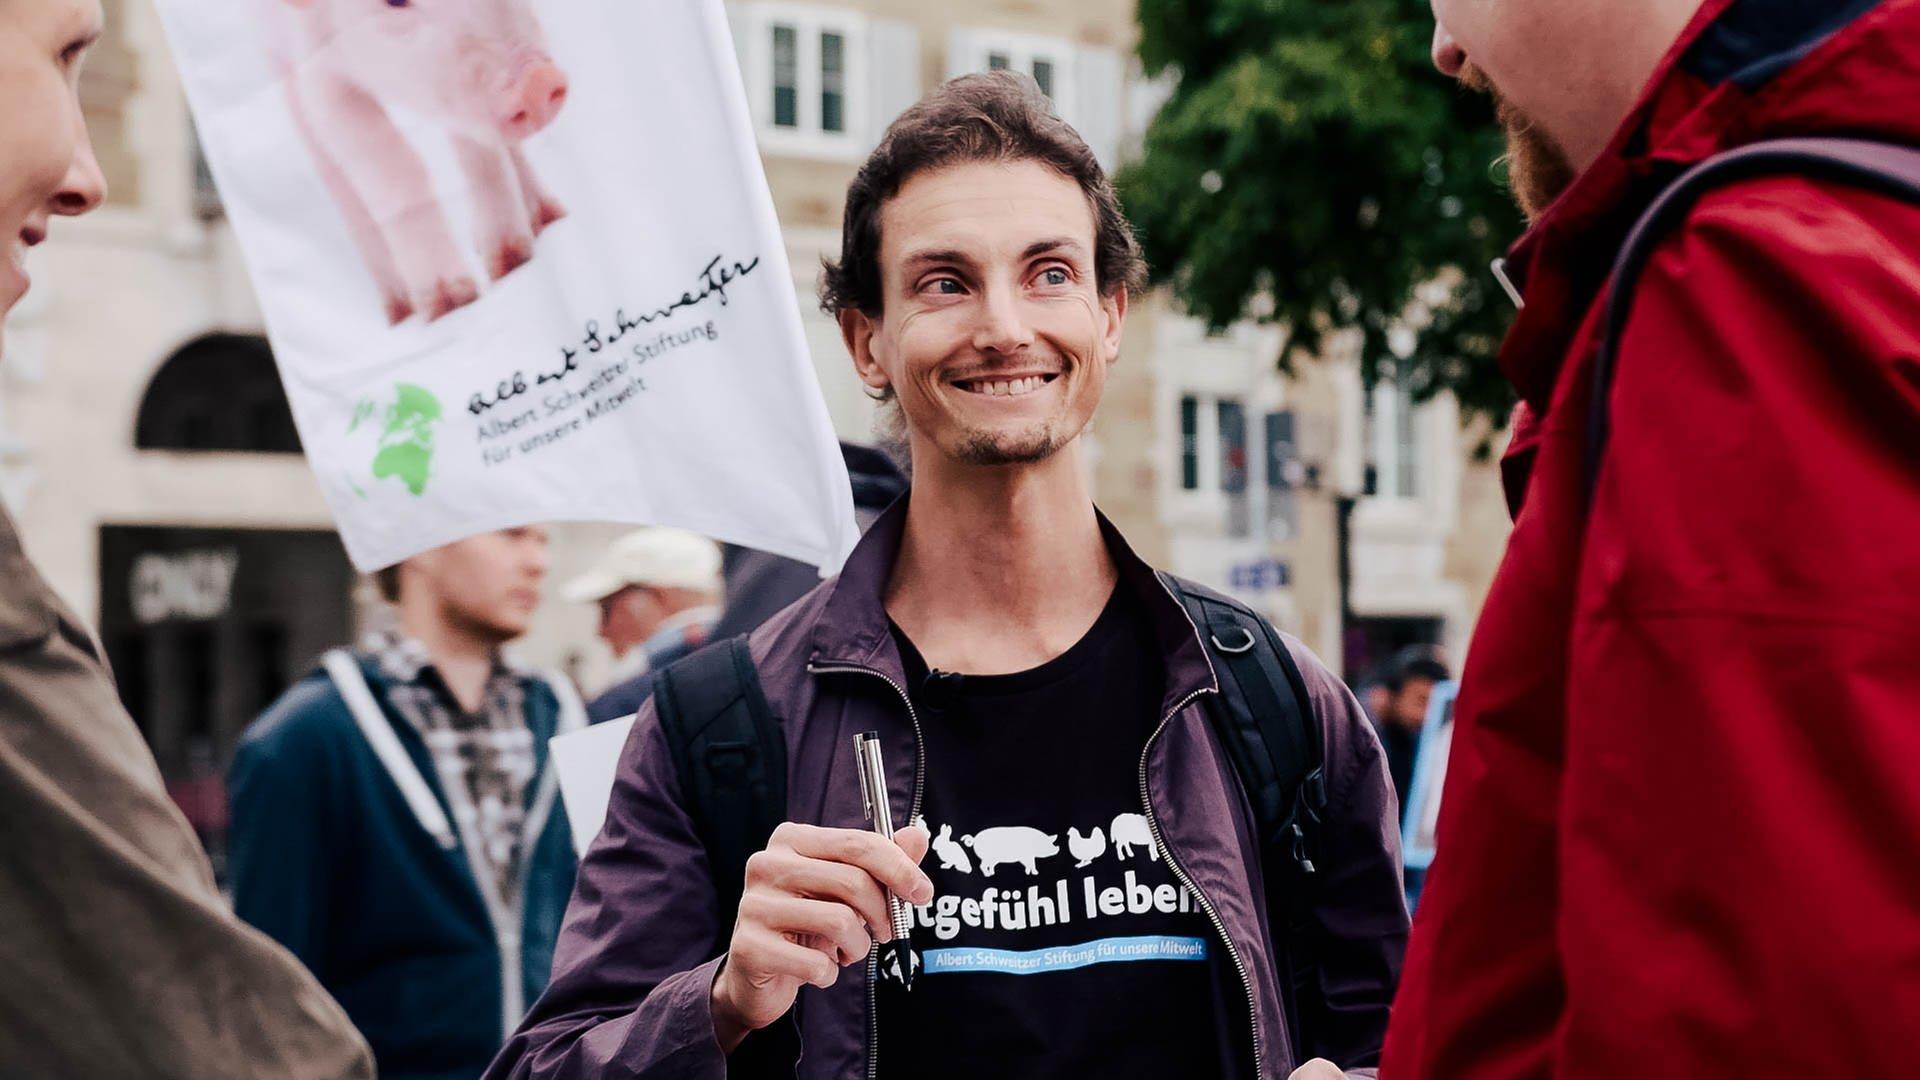 Andreas versucht auf dem Schlossplatz in Stuttgart Passanten von der veganen Ernährung zu überzeugen